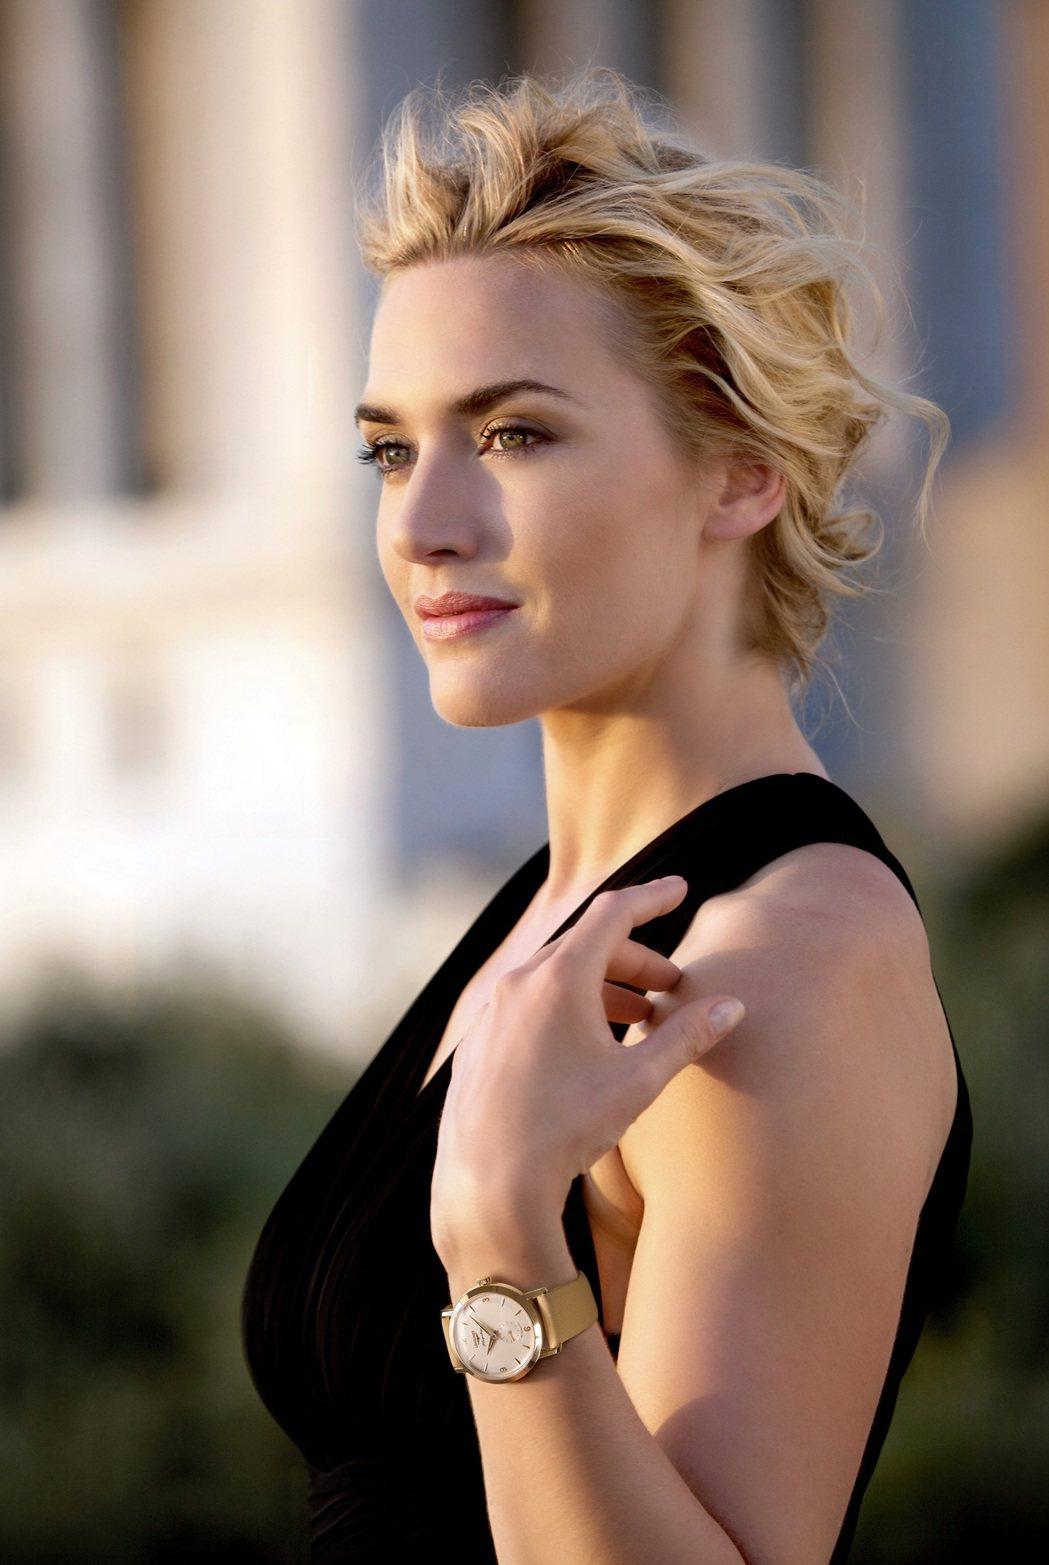 浪琴表全球優雅大使凱特溫絲蕾詮釋聯名款18K金旗艦系列復刻腕表。圖/Longin...